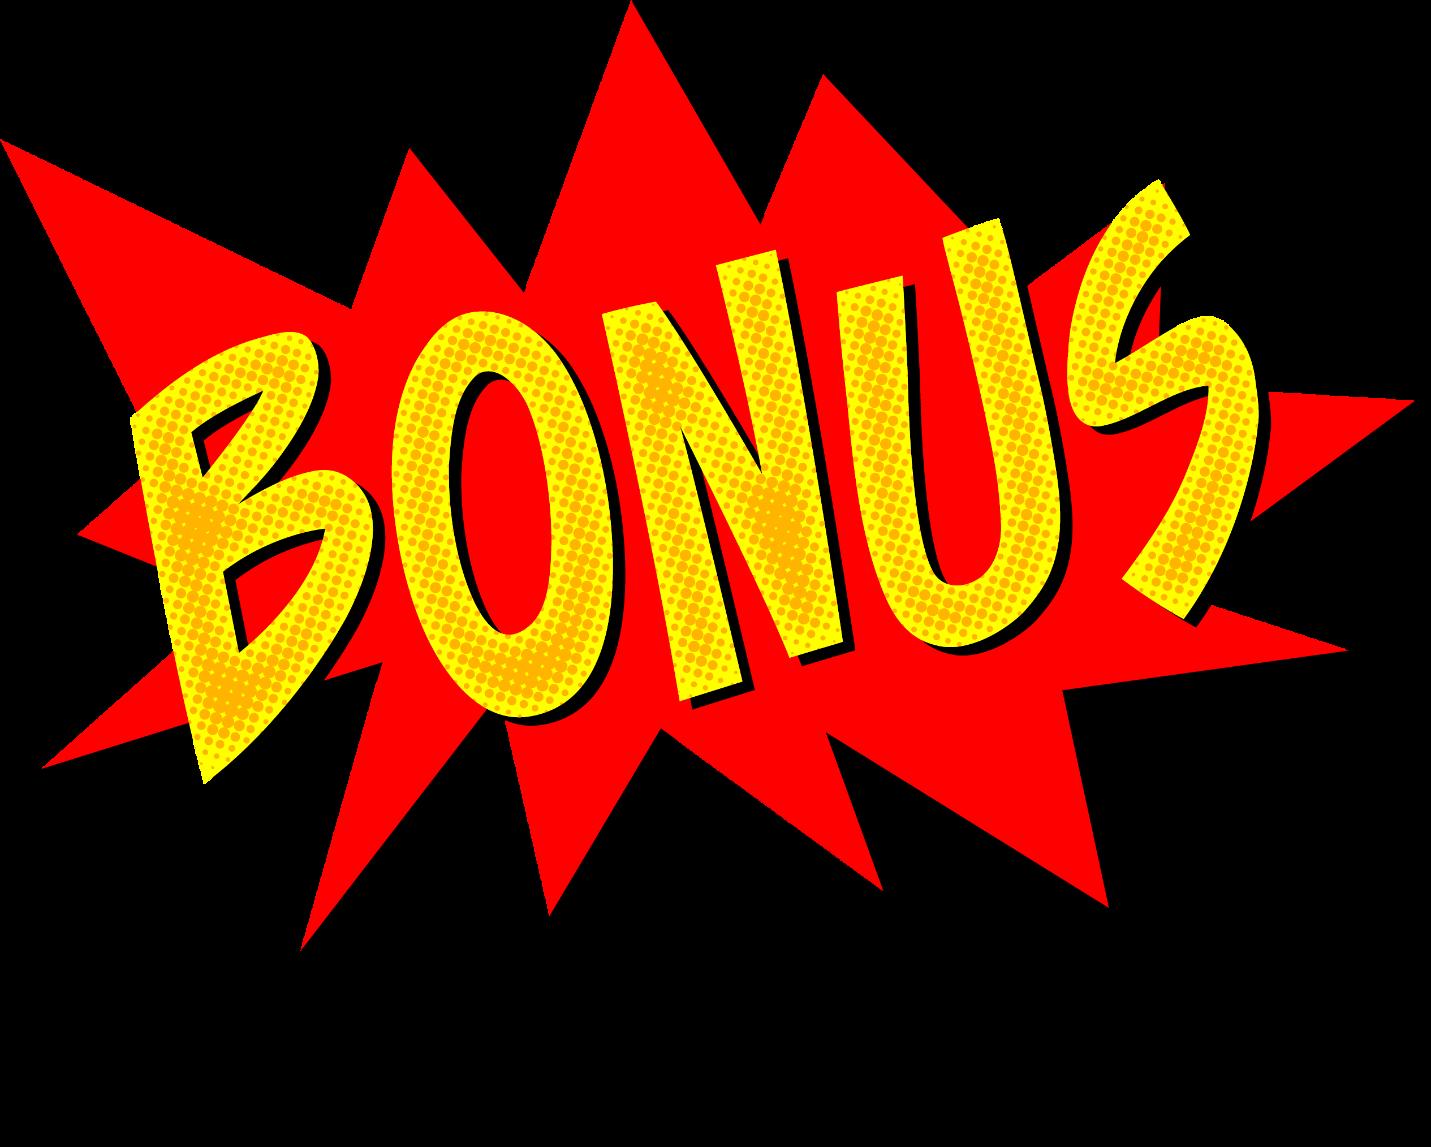 Download Bonus Png - Bonuspng - Full Size PNG Image - PNGkit